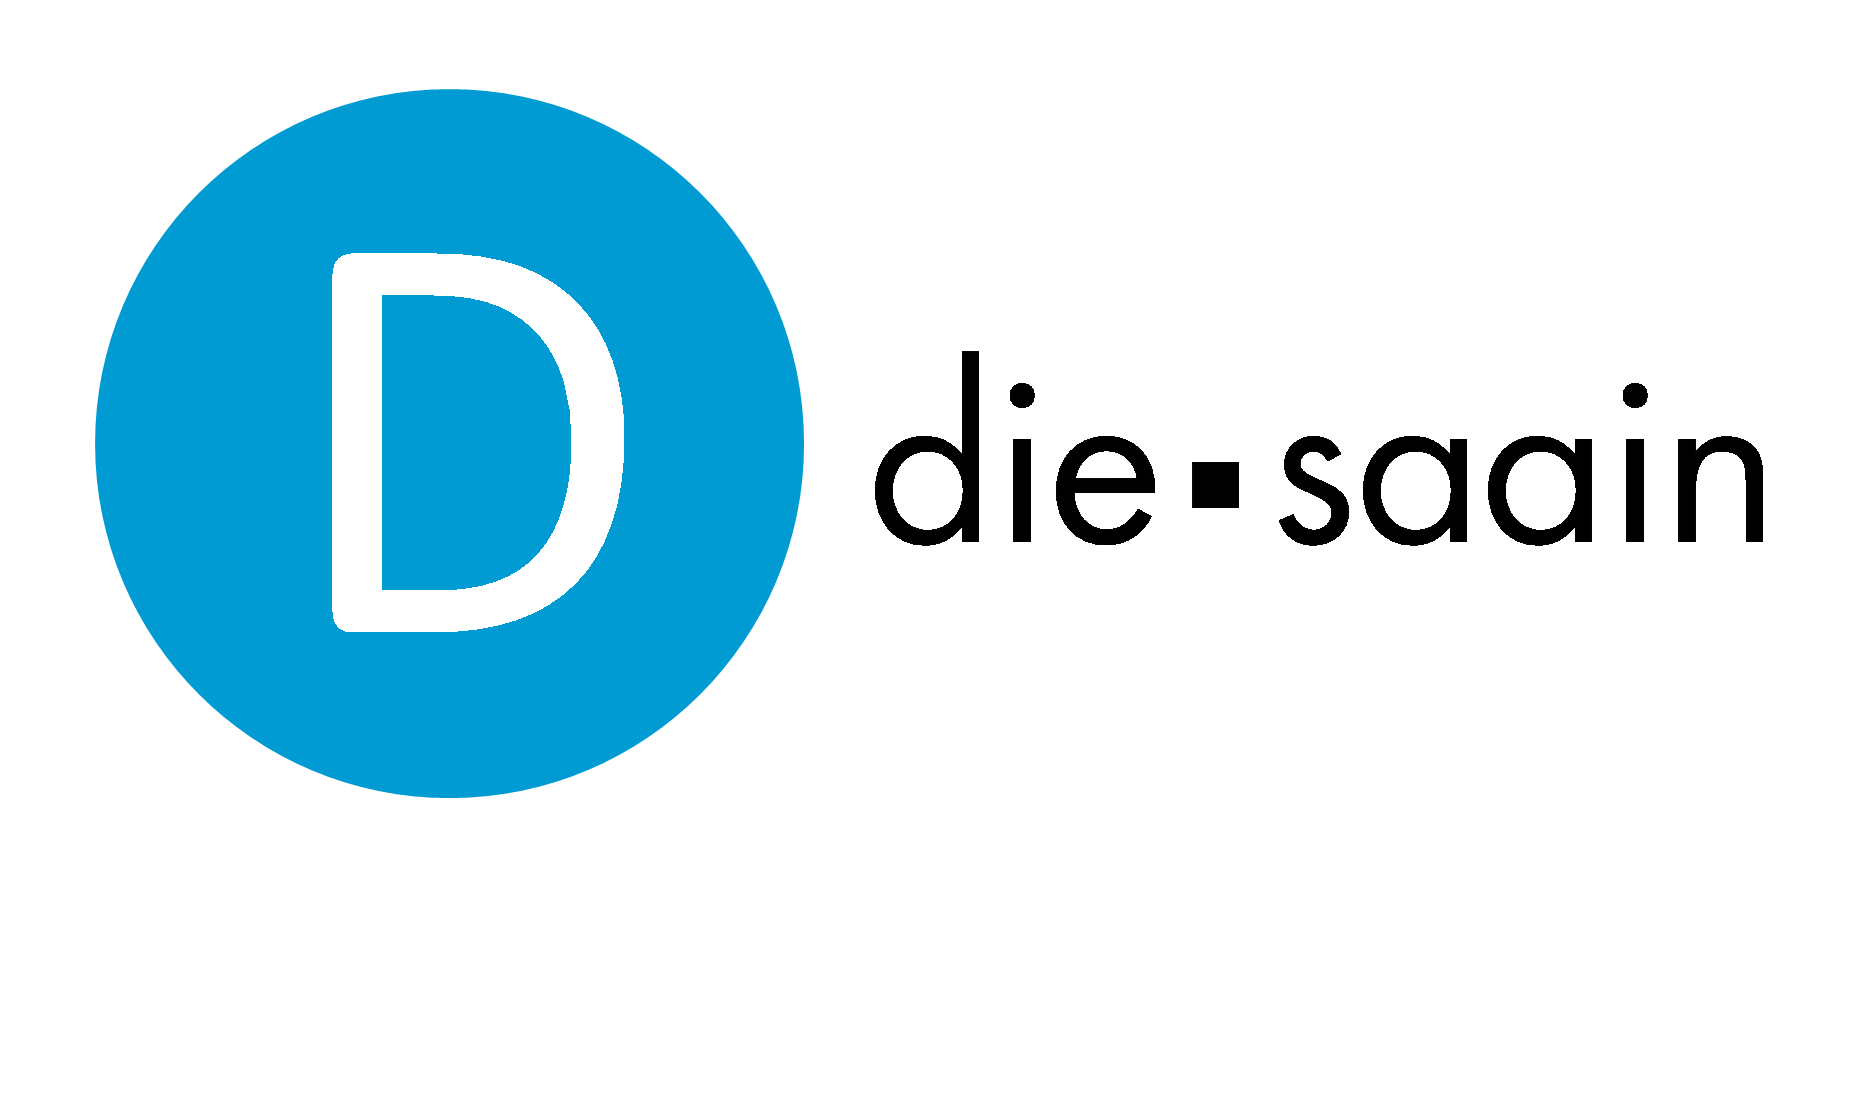 Die-saain